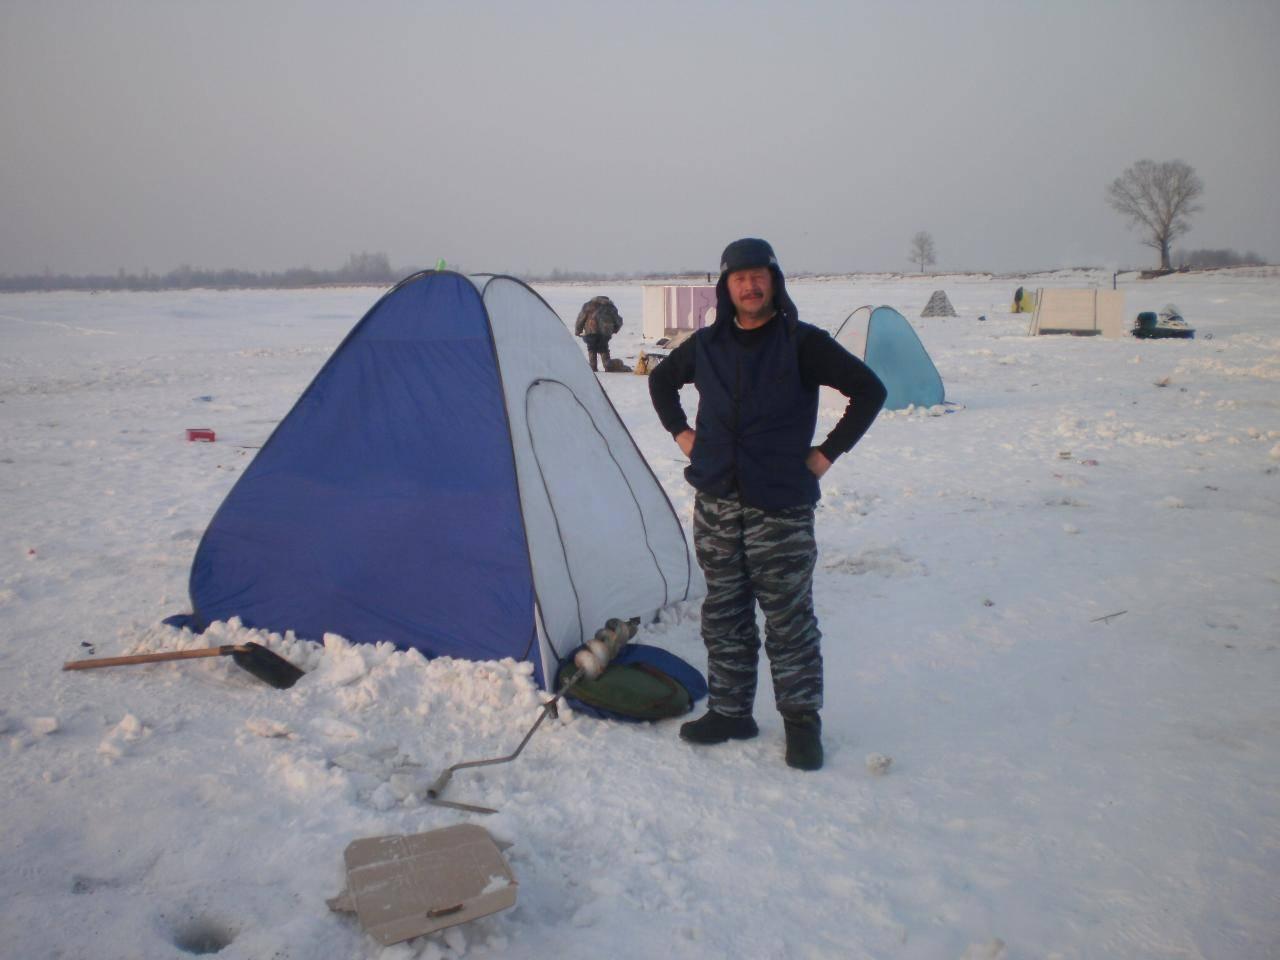 Способы утепления палаткиэкстремальное укрытие в лесусуточный полевой выход комплект выживальщика на суткиаптечка выживальщика. собираем правильно и с умом